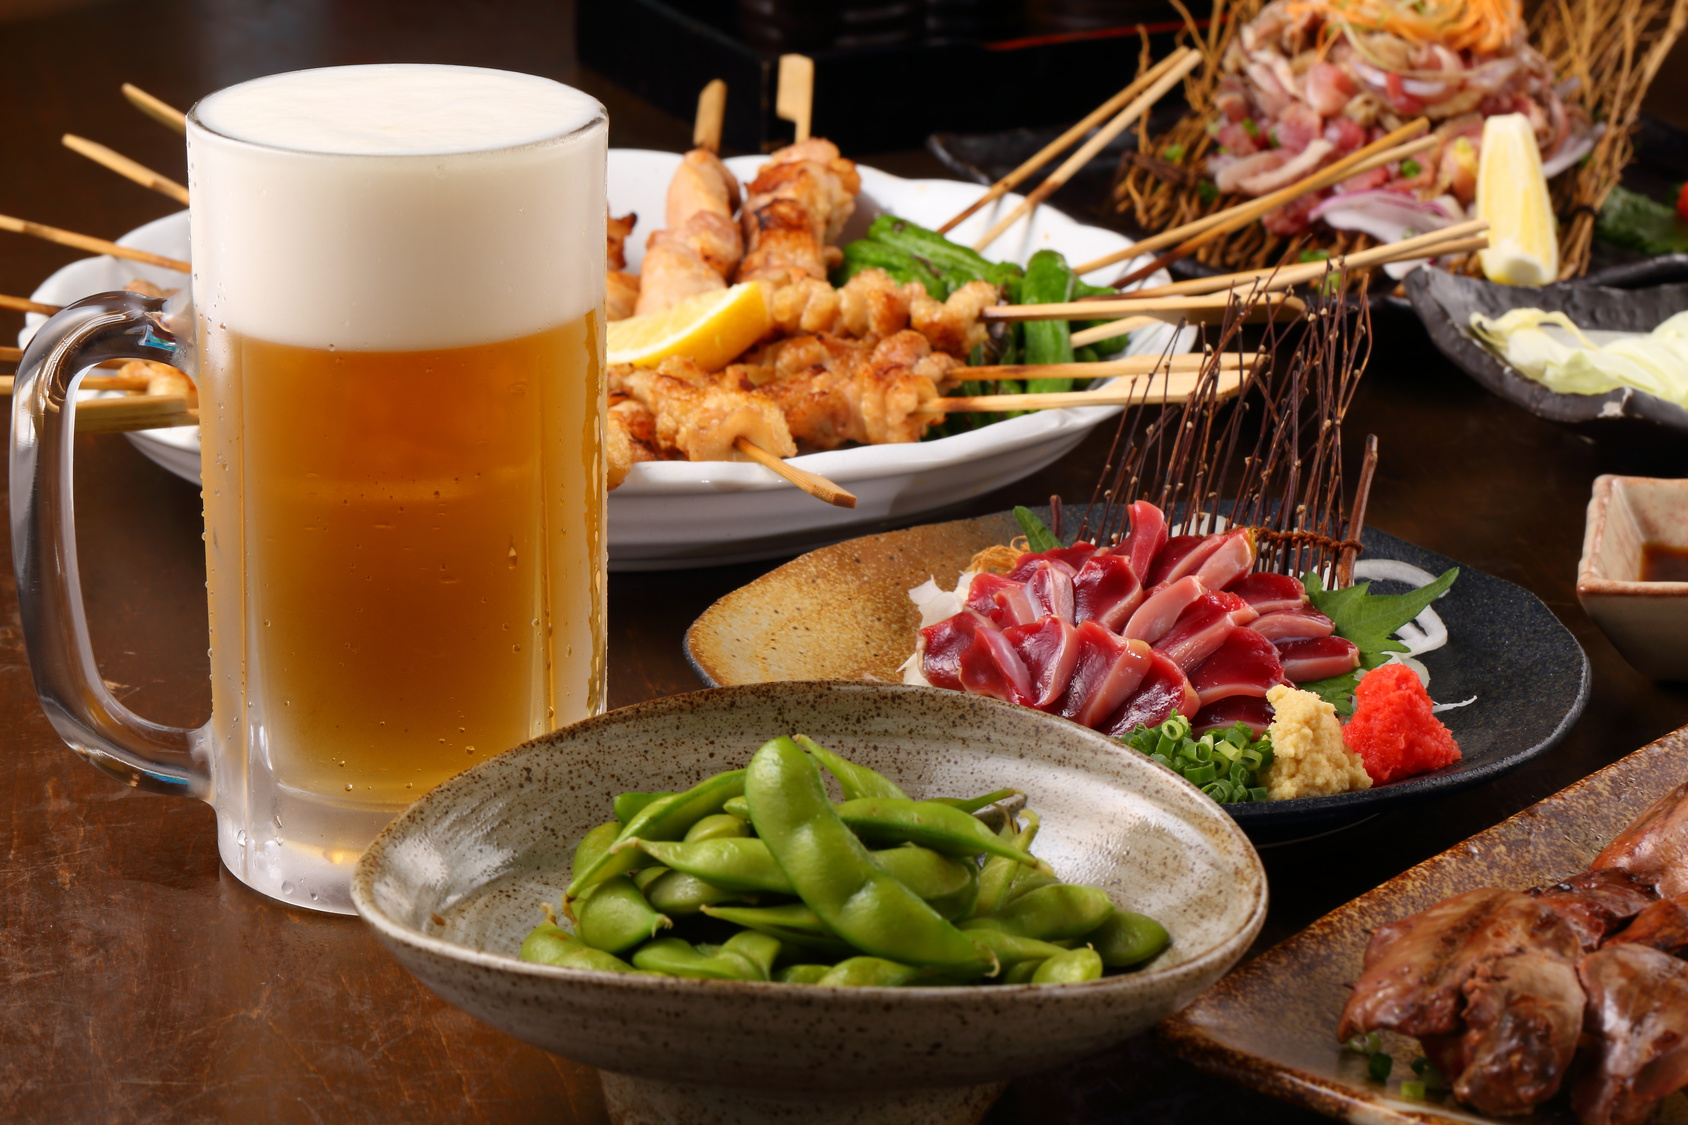 街コンレポート_ビールと枝豆、やきとりなどの料理があります